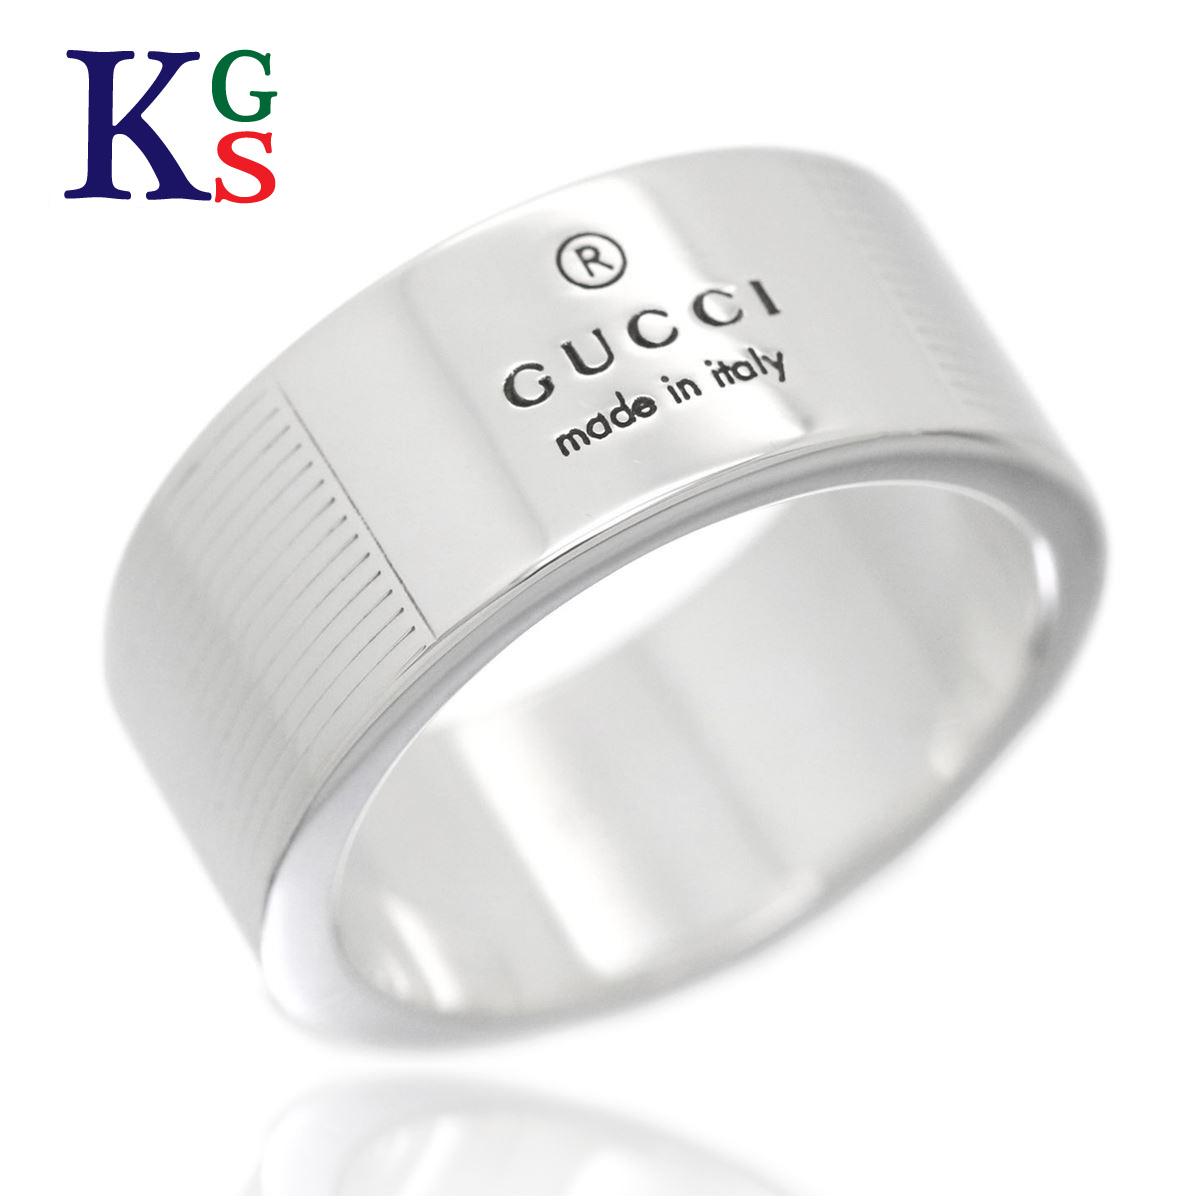 【ギフト品質】【11号】グッチ/GUCCI / ロゴリング レディース メンズ 指輪 Ag925 シルバー